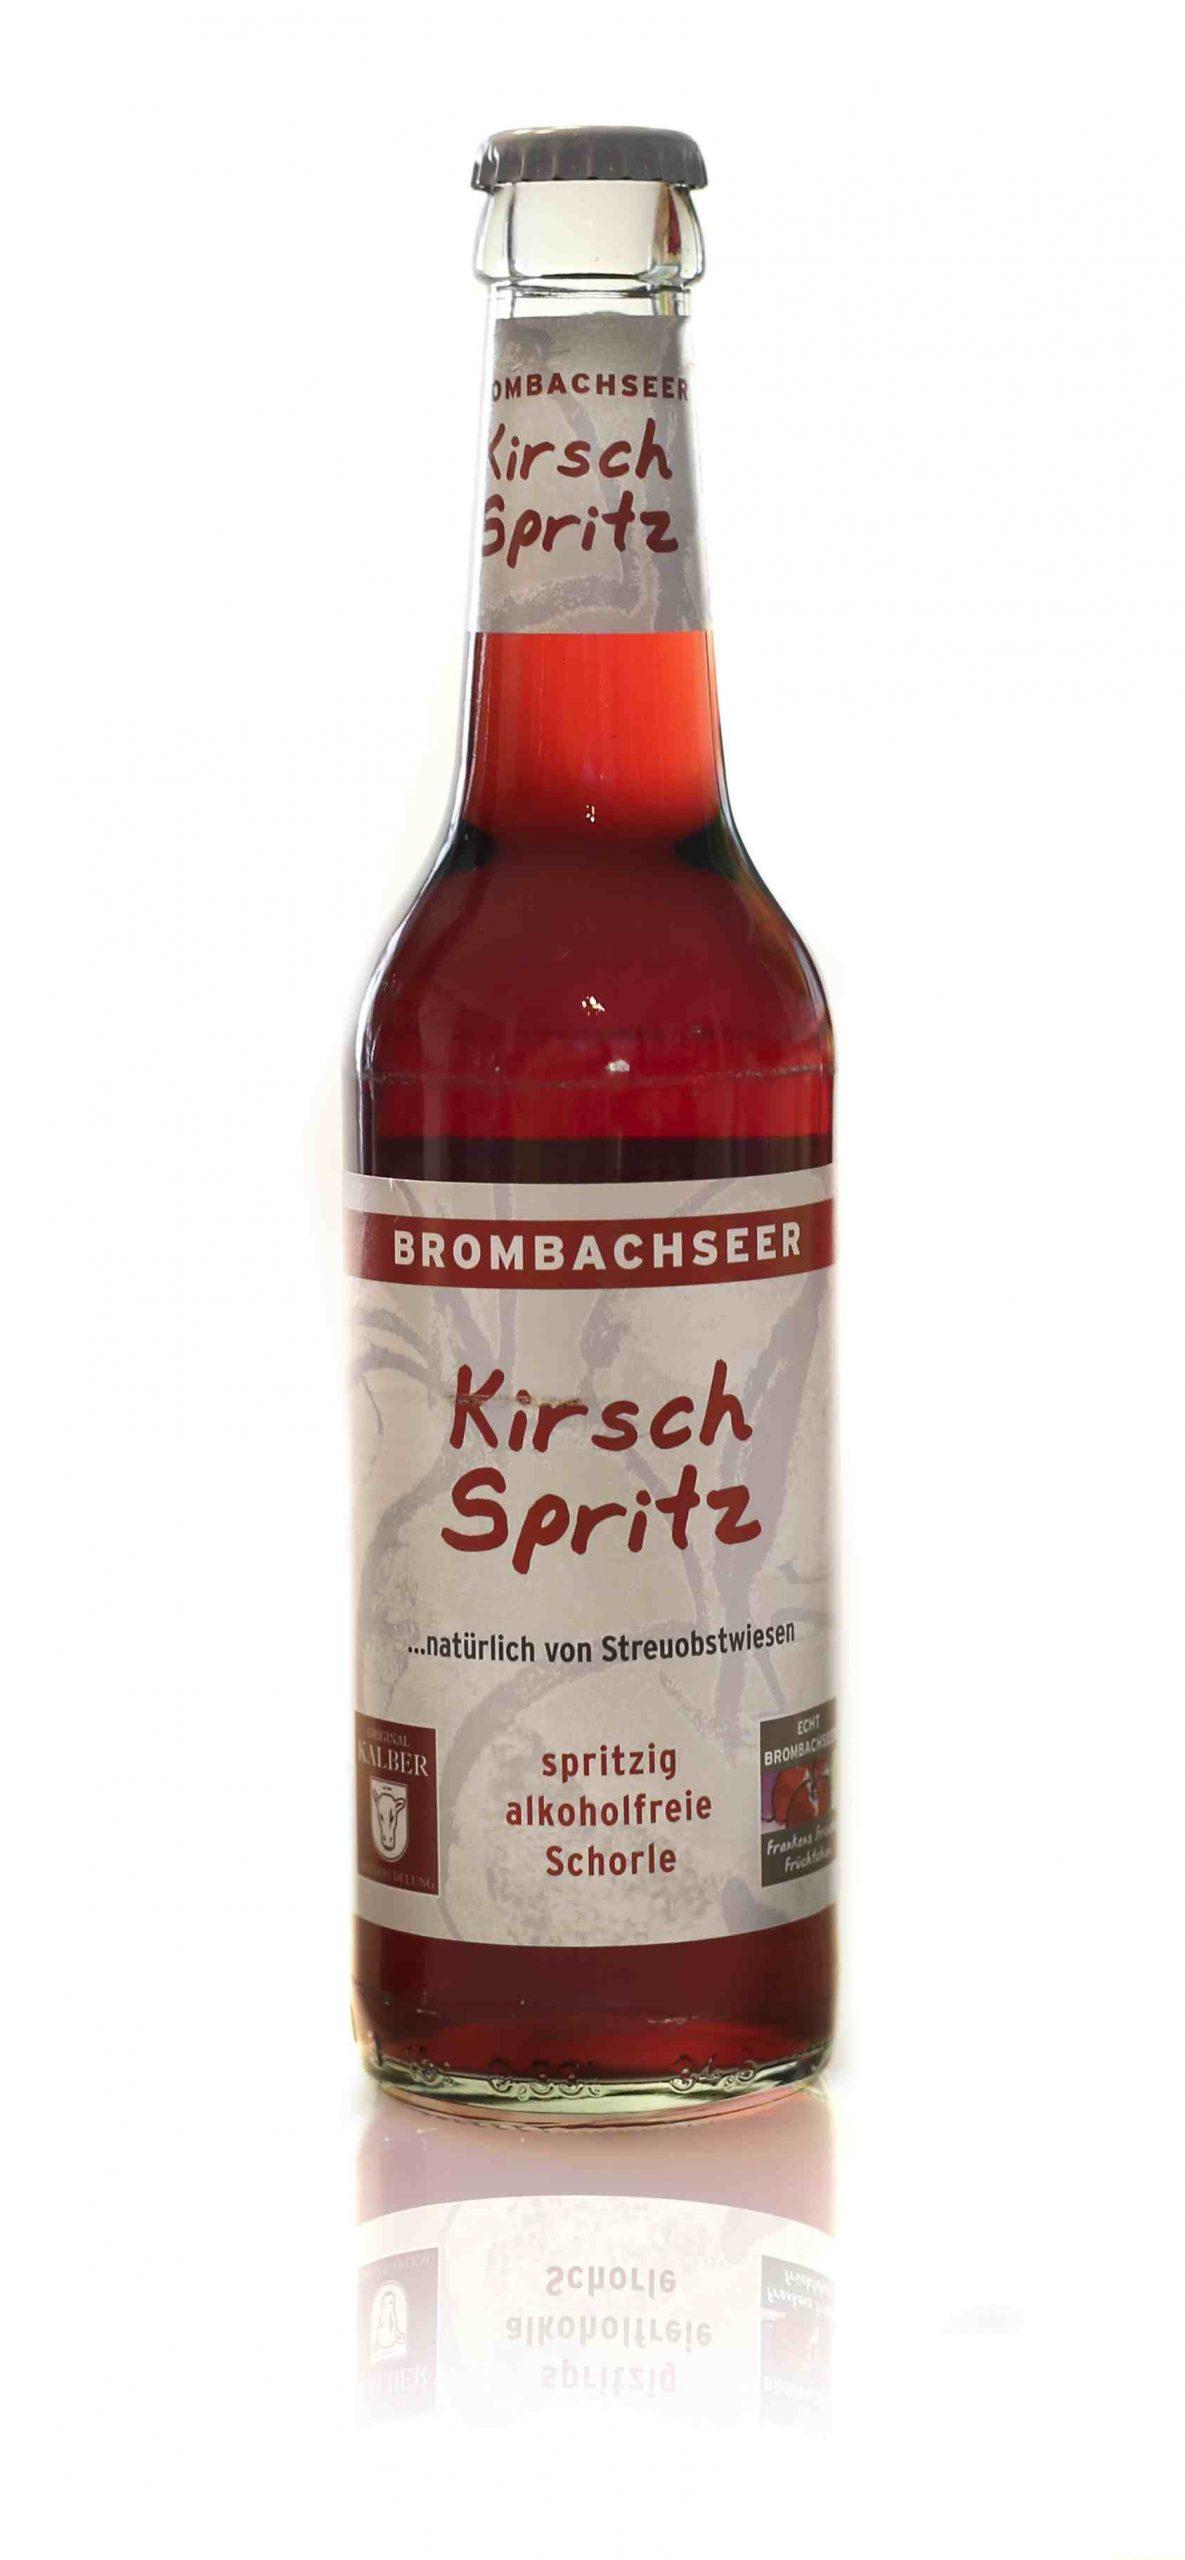 Kalber Kirsch Spritz